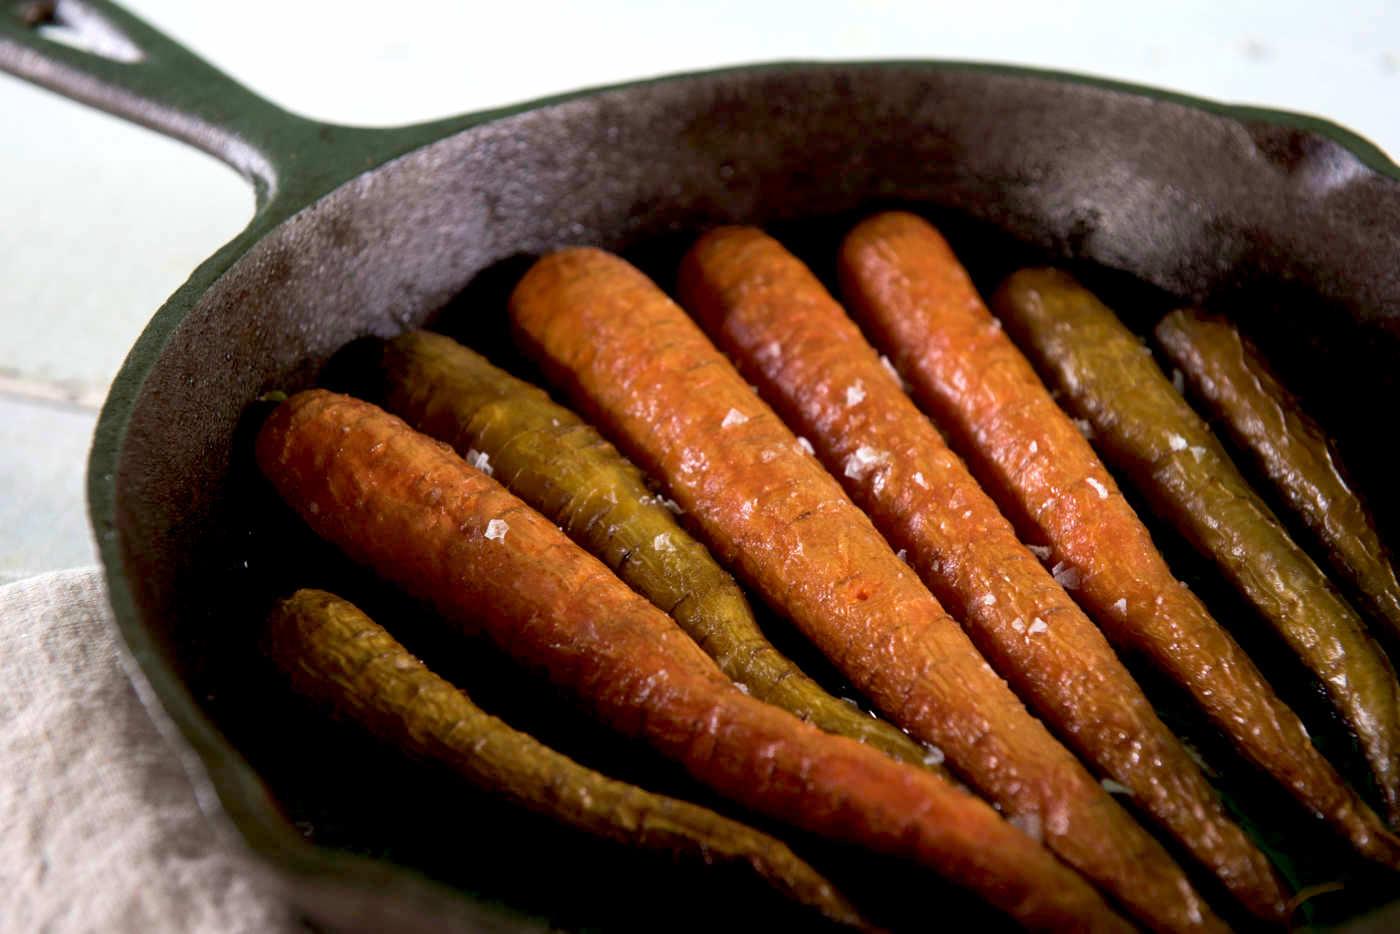 15-bittman-carrots.w700.h467.2x.jpg